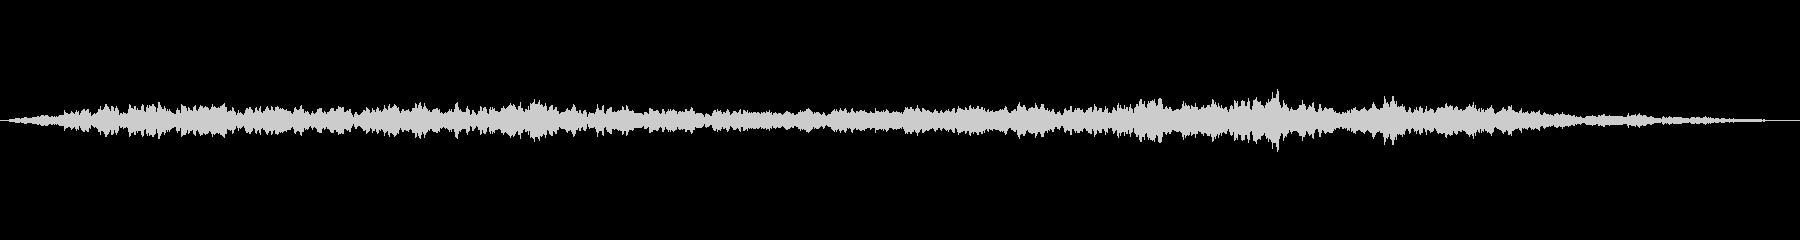 ミステリーやホラーのBGM系音楽の未再生の波形